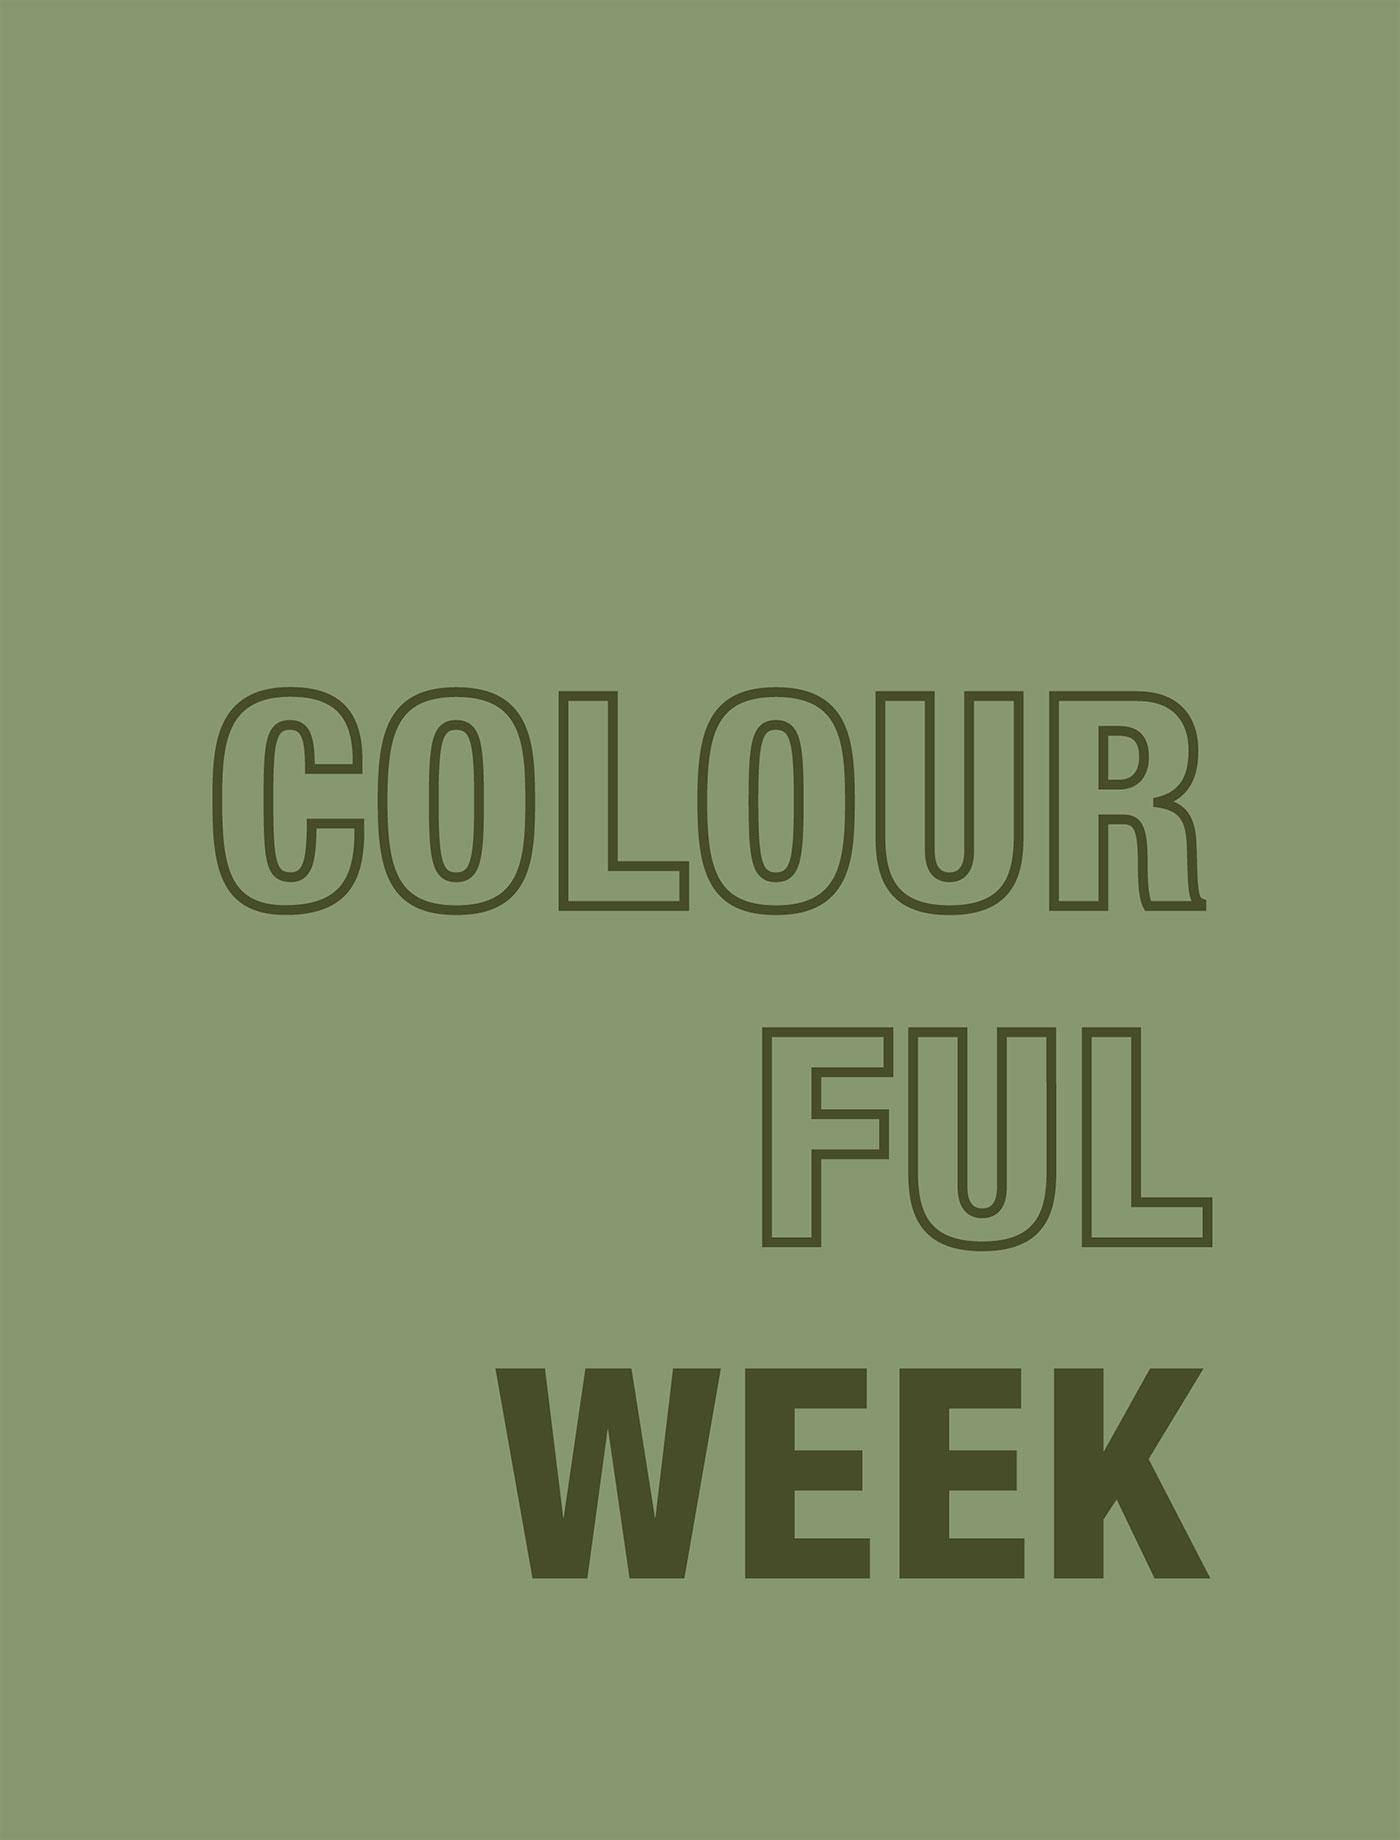 Colourful Week